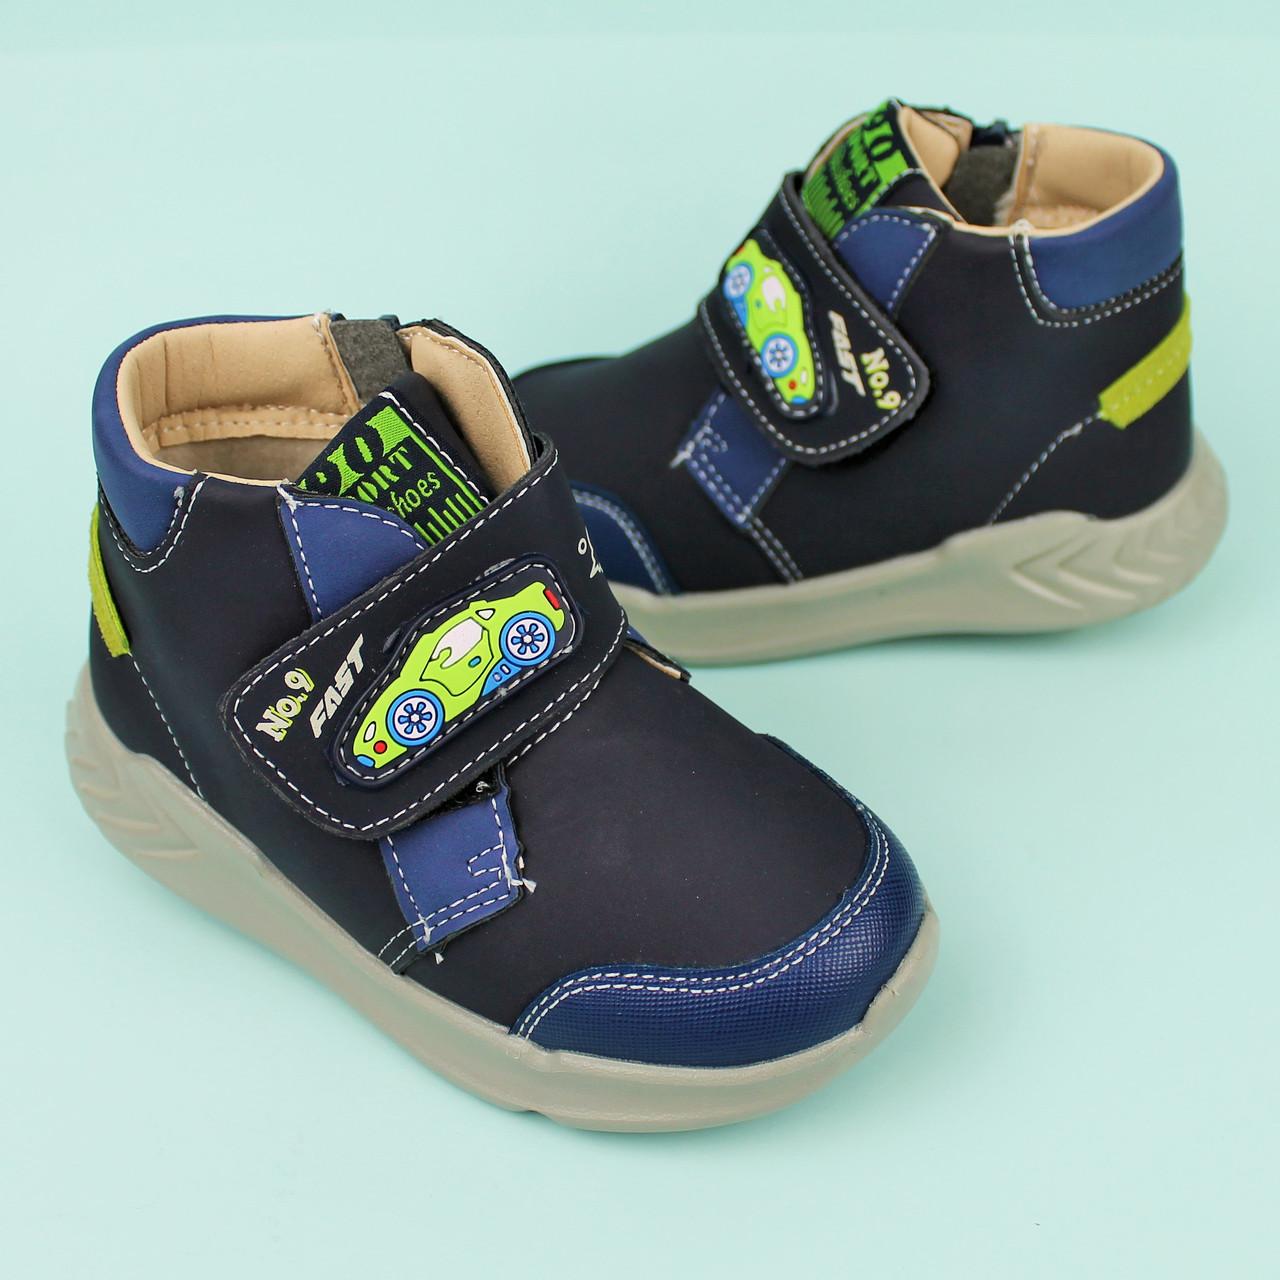 Демисезонные ботинки на мальчика Tom.m размер 22,23,24,25,26,27